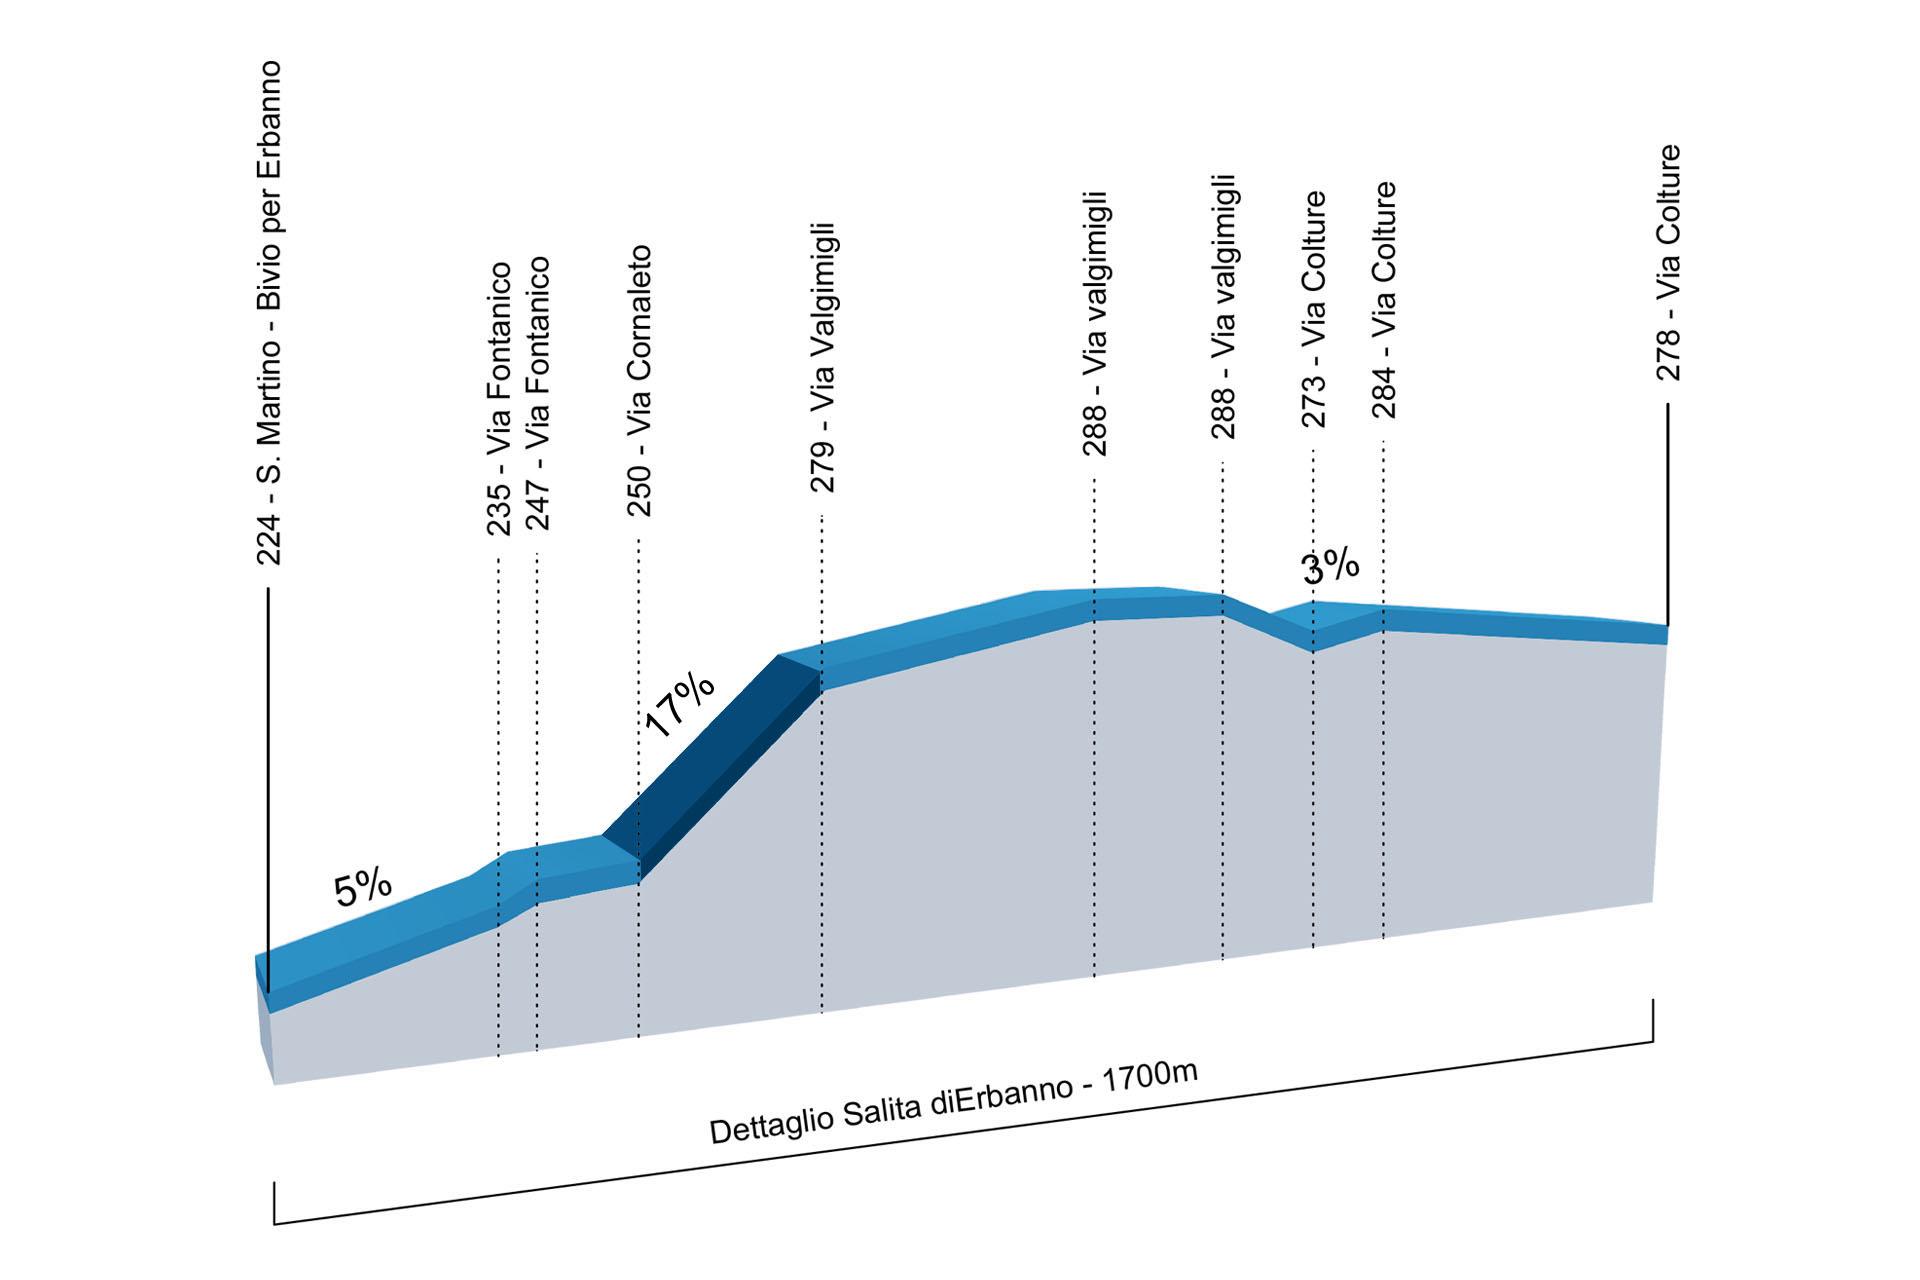 Altimetria campionati italiani ciclismo 2016 3d dett erbanno